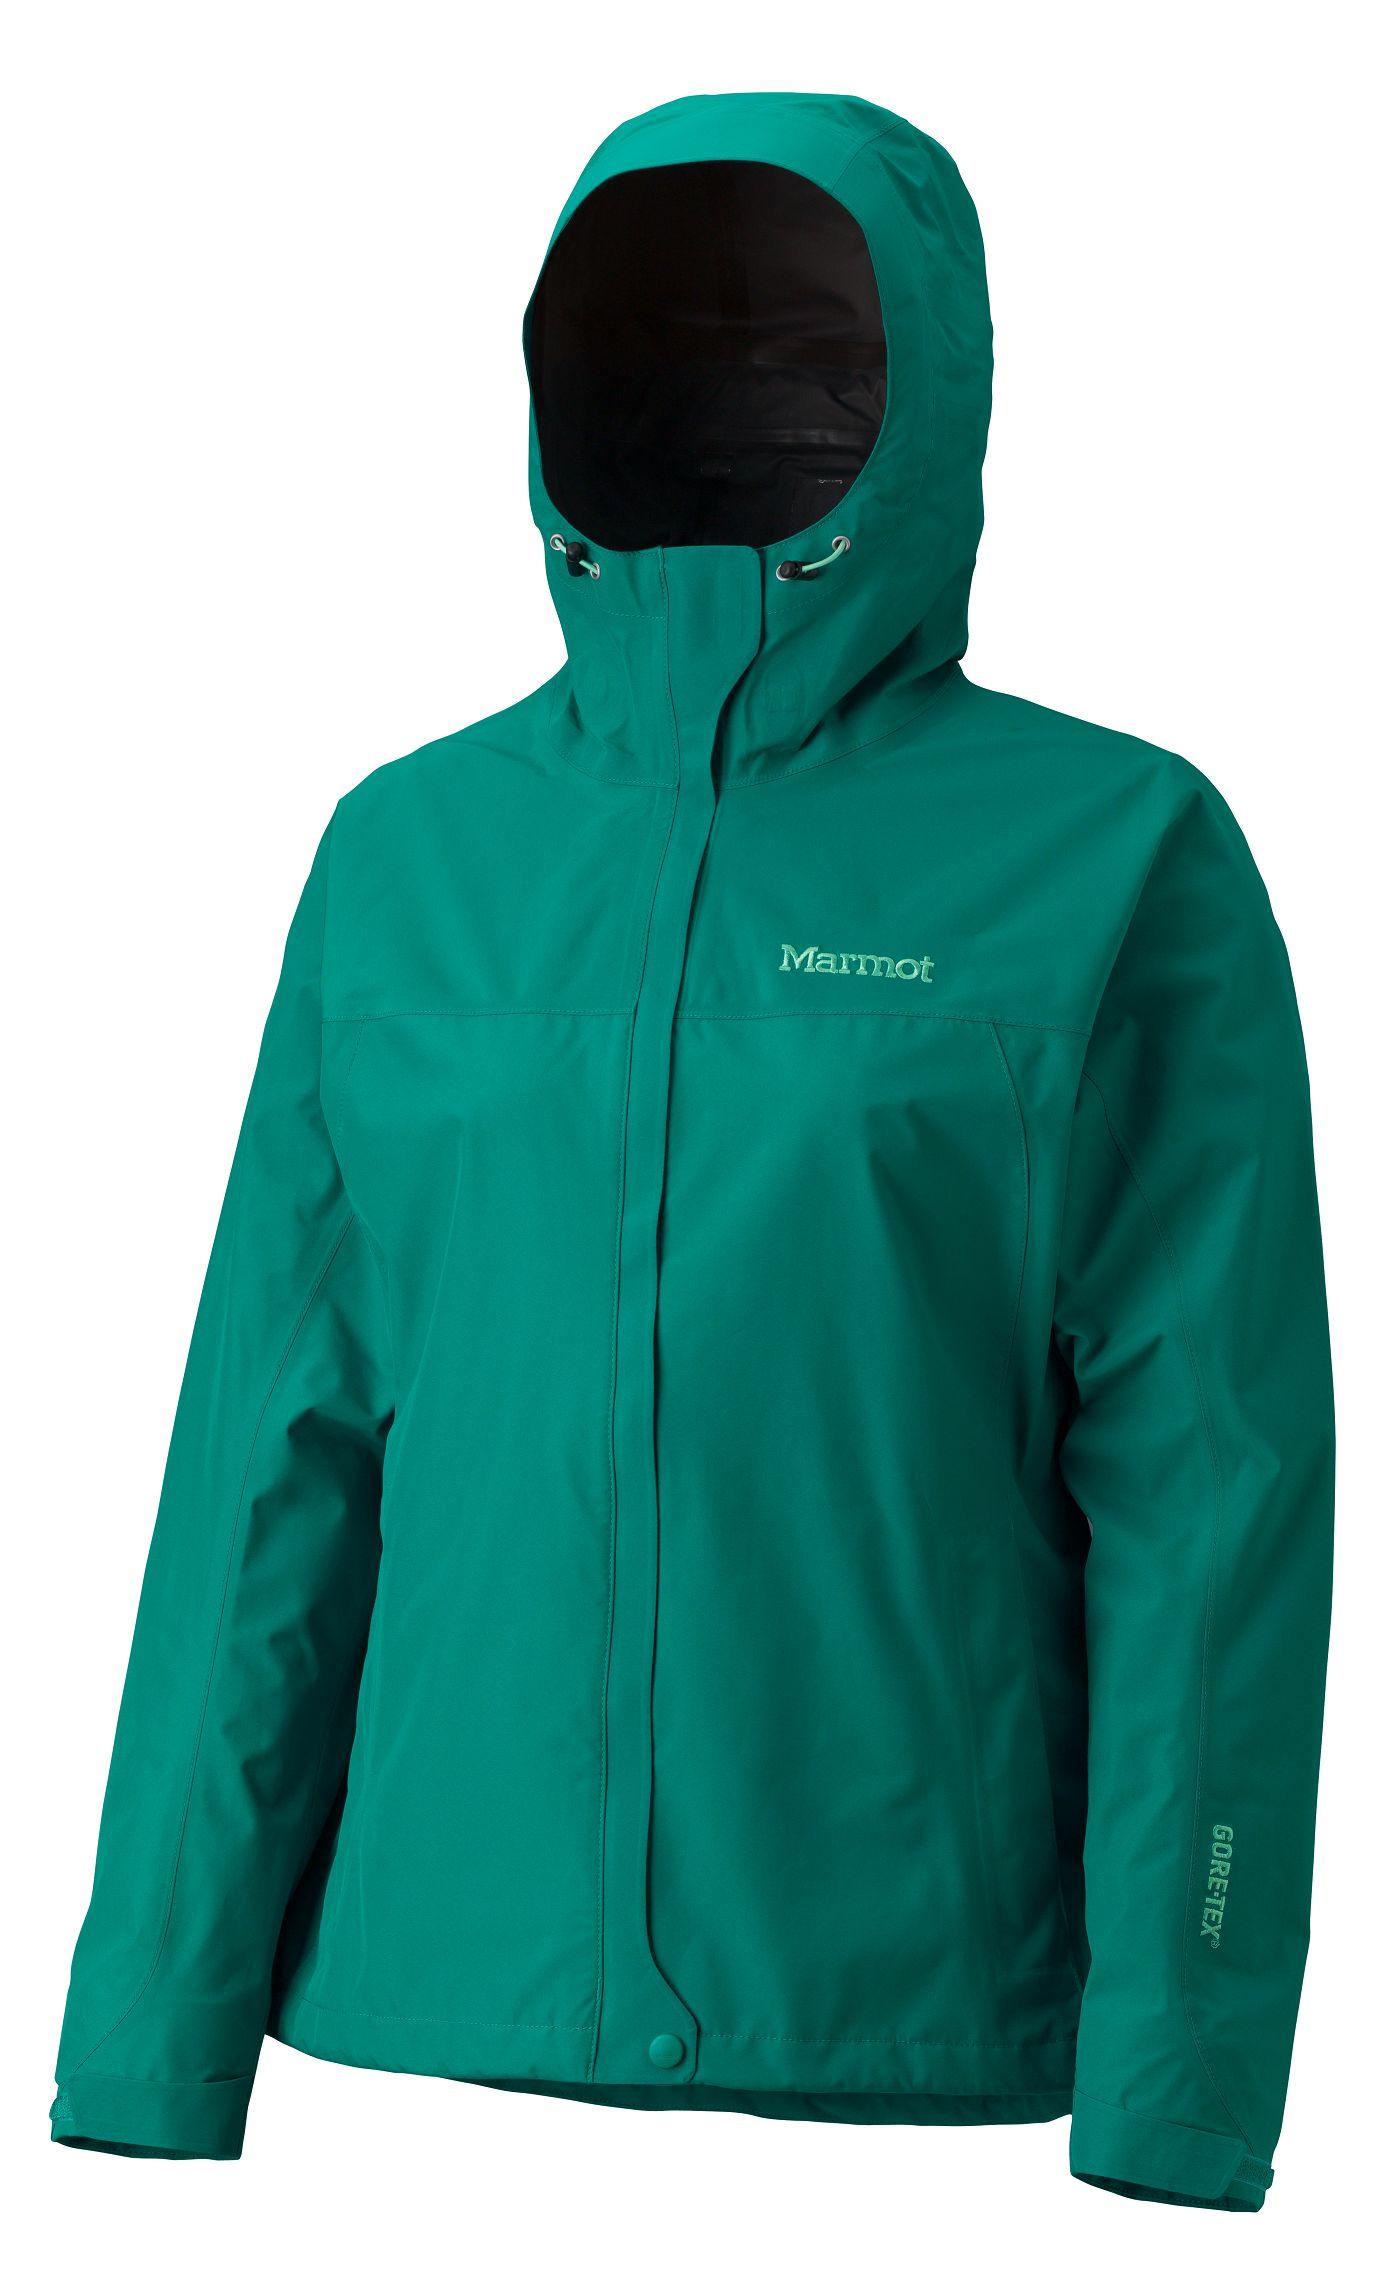 Marmot Wm's Minimalist Jacket Green Garnet-30